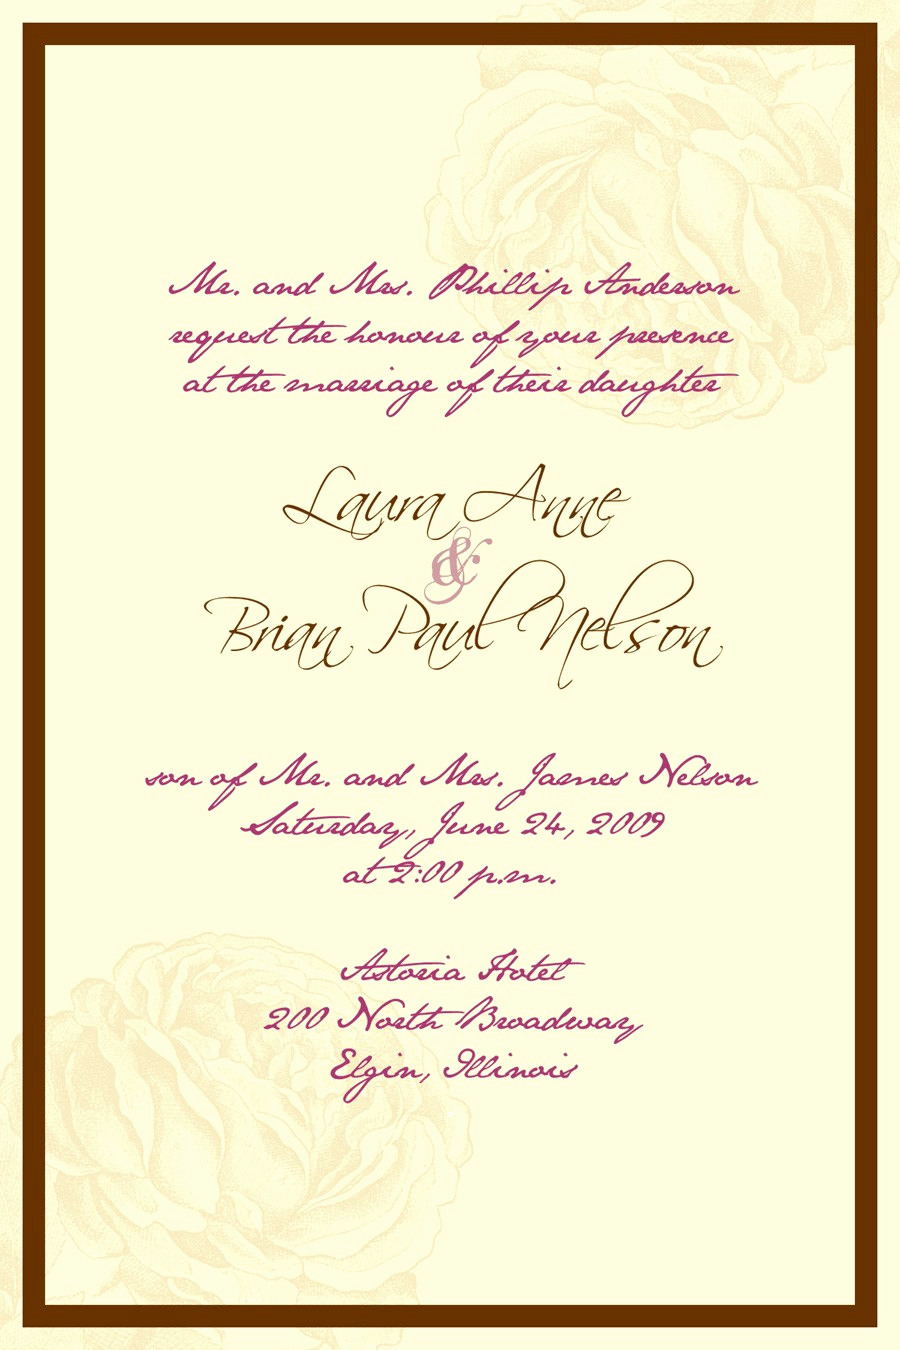 Catholic Wedding Invitation Wording Awesome Kerala Wedding Invitation Cards Samples